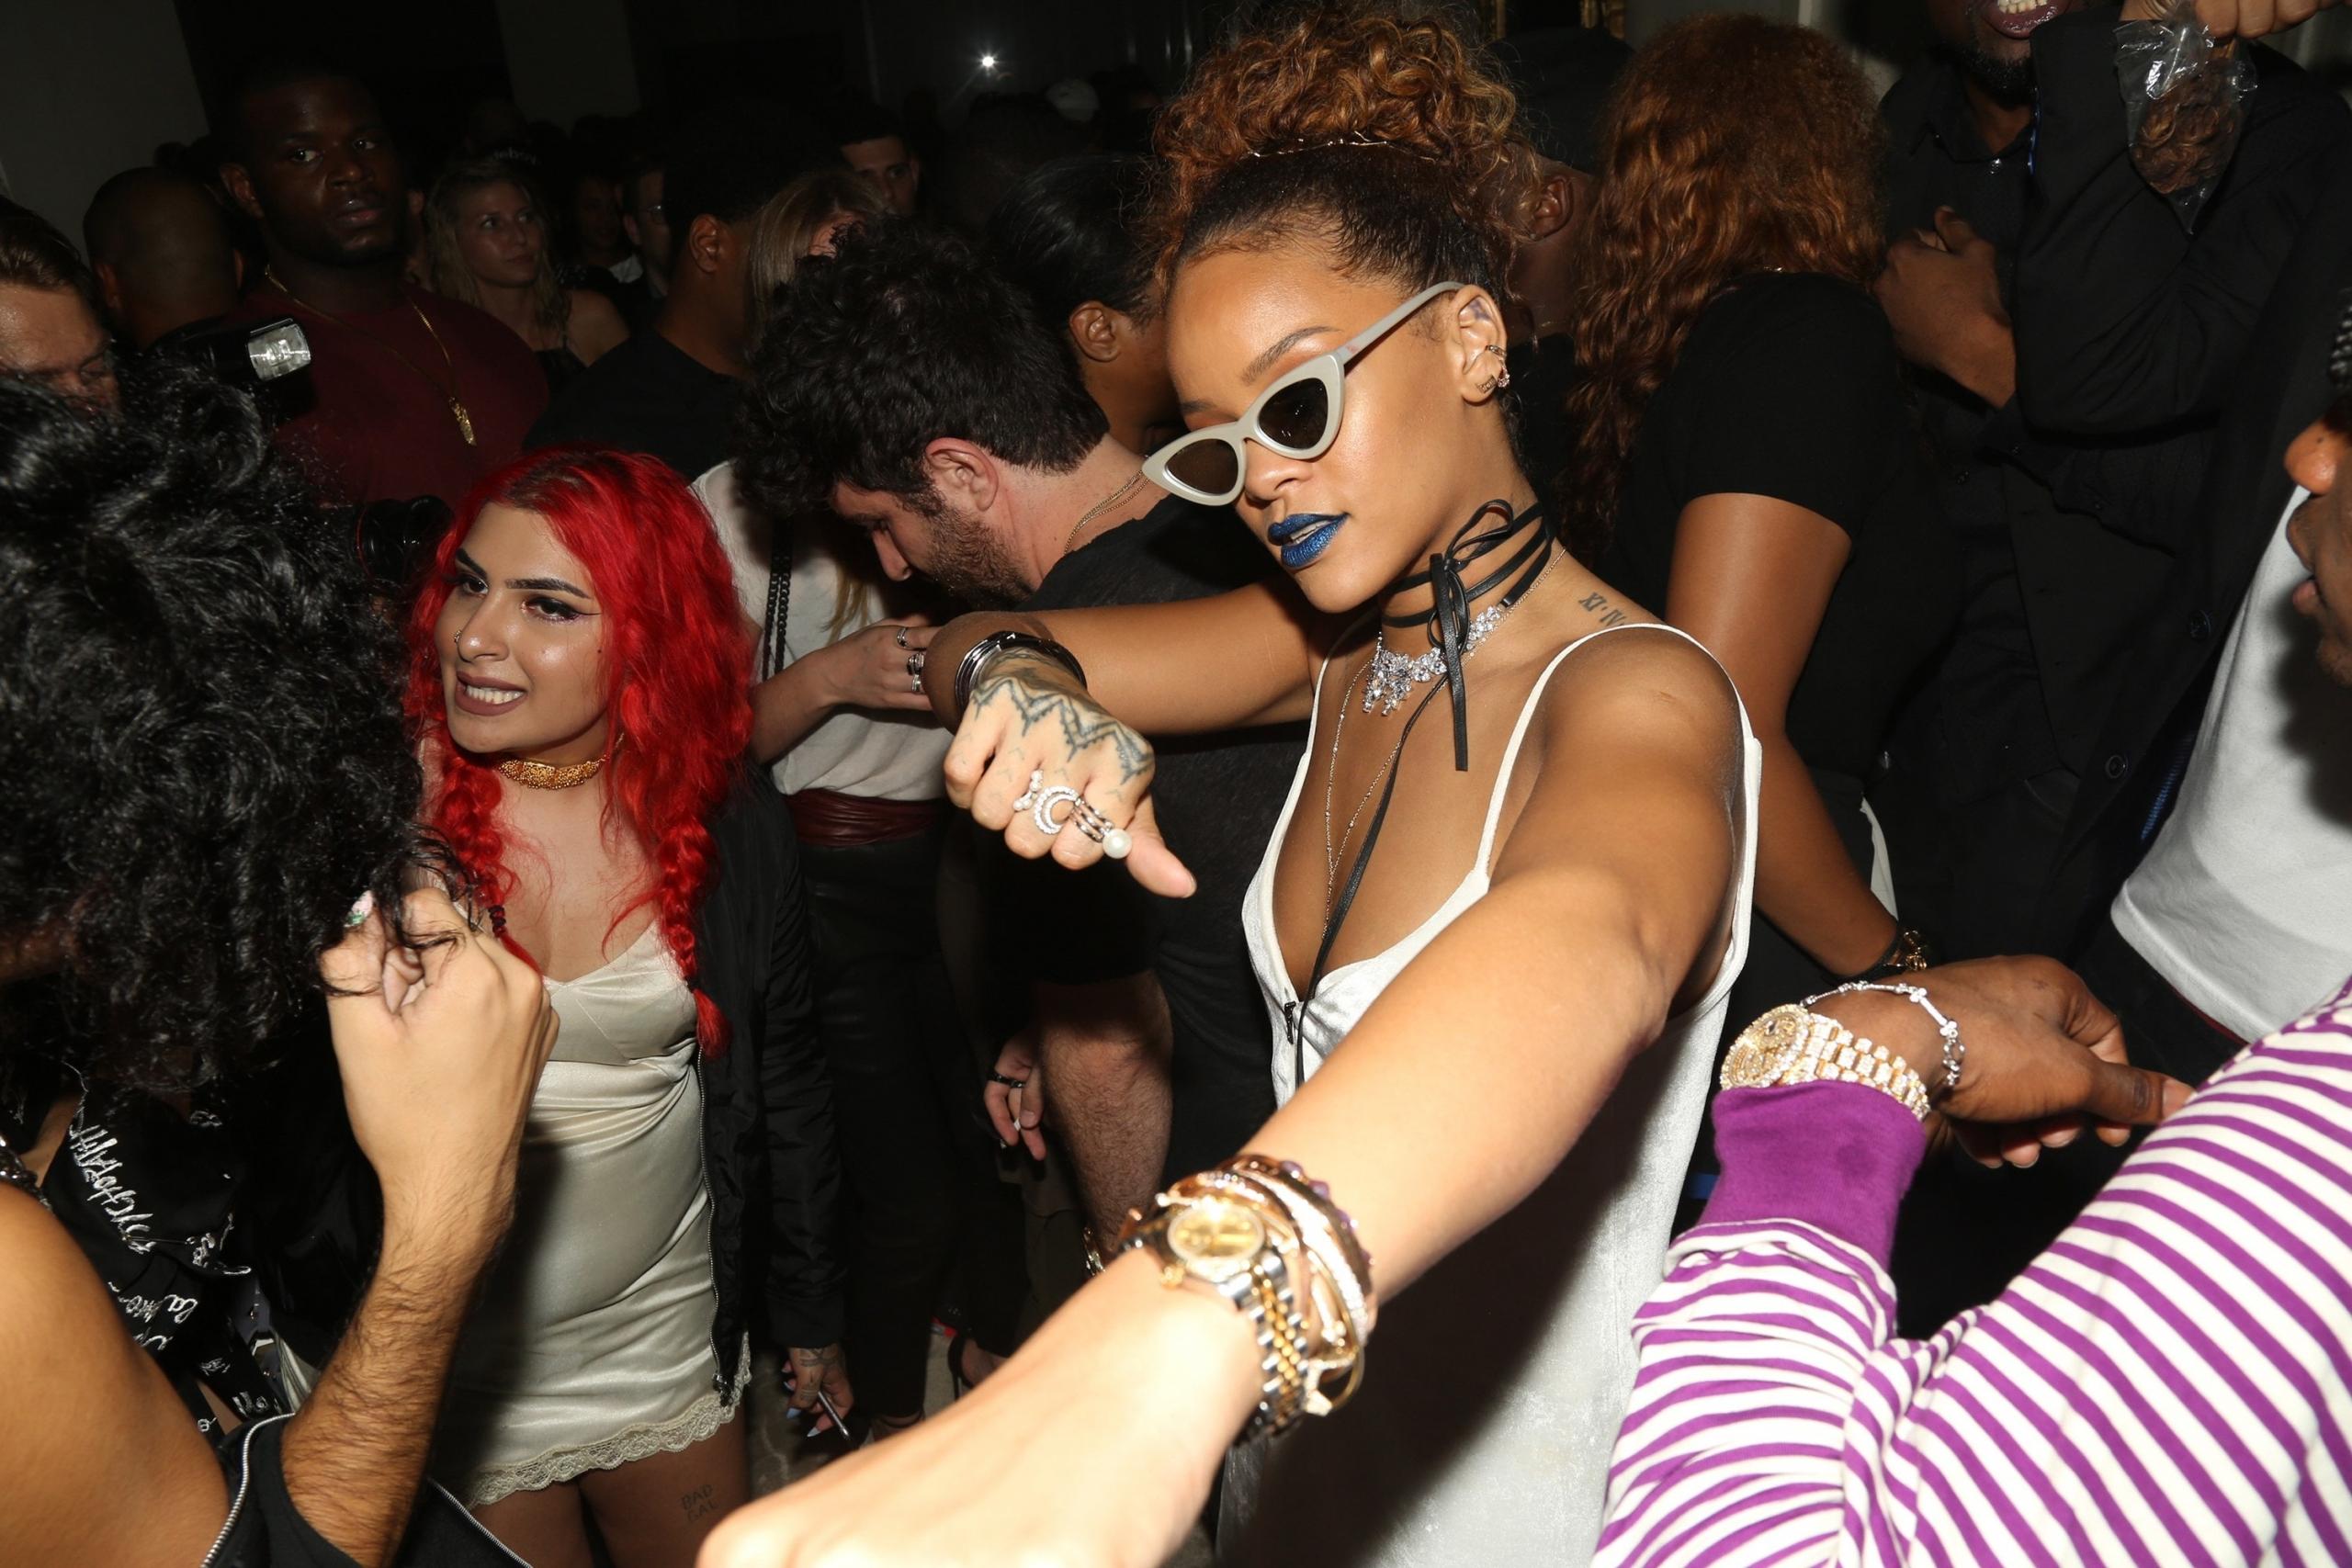 Rihanna tiene una fiesta en Instagram Live esta noche, y todos están invitados